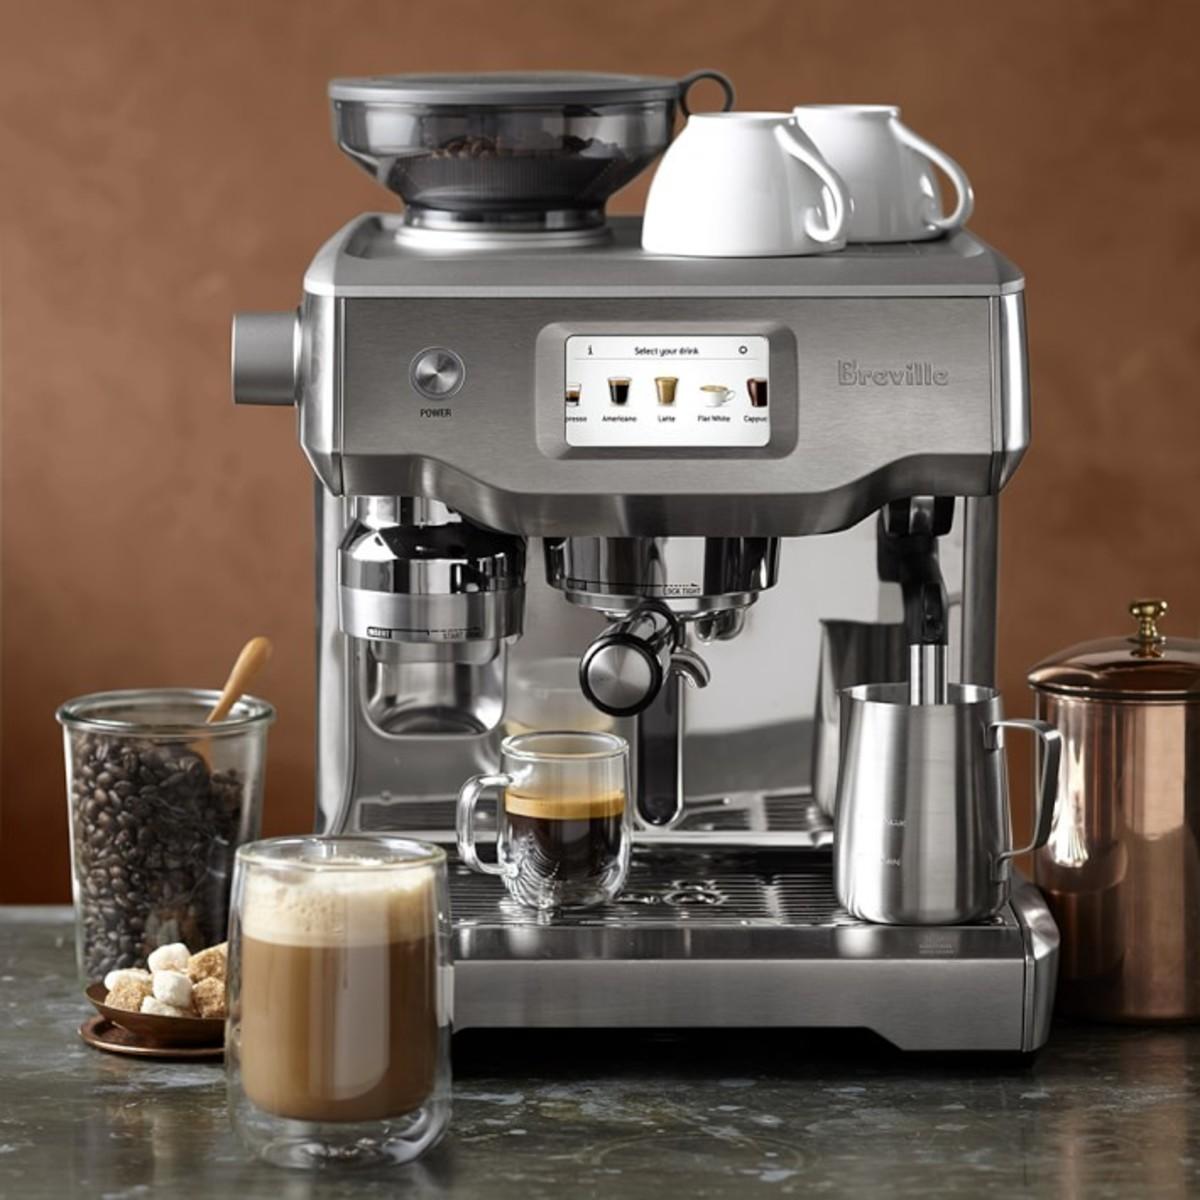 breville-oracle-touch-espresso-machine.jpg